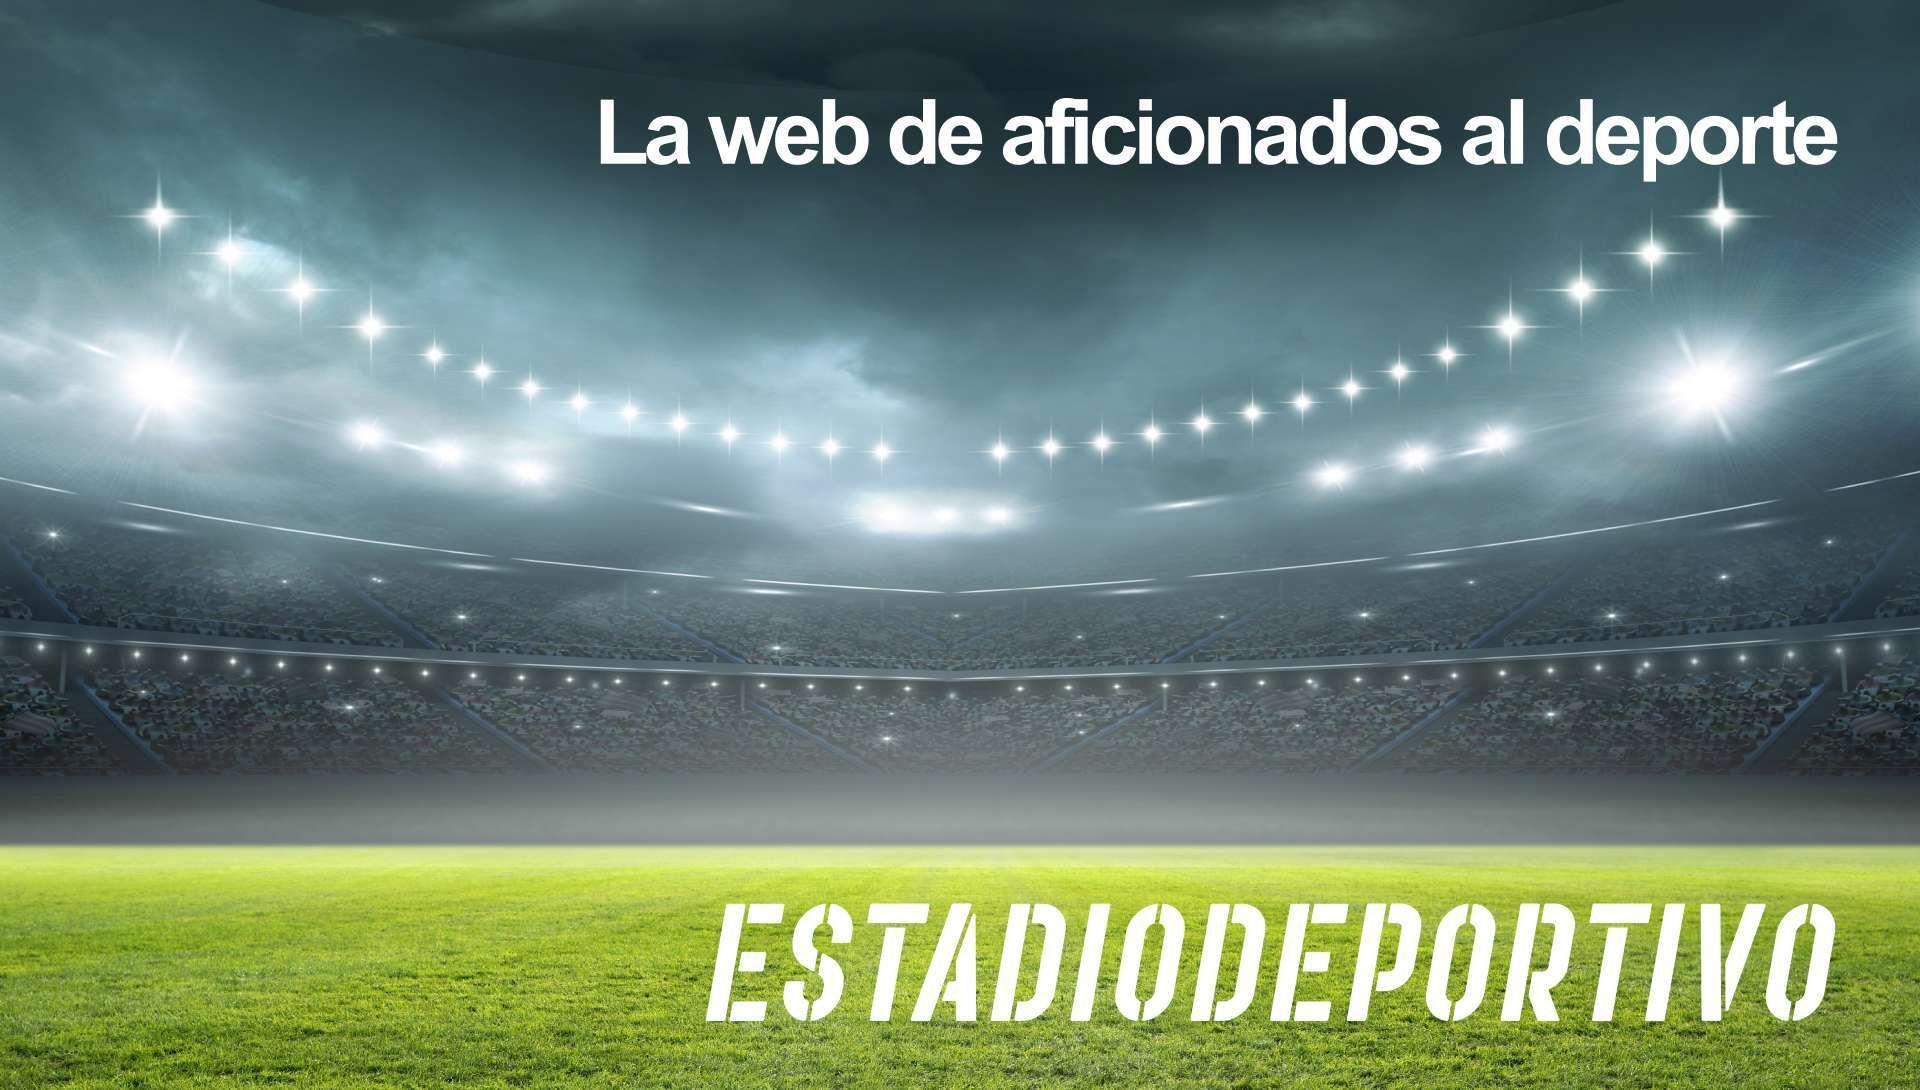 Las portadas del jueves 18 de febrero